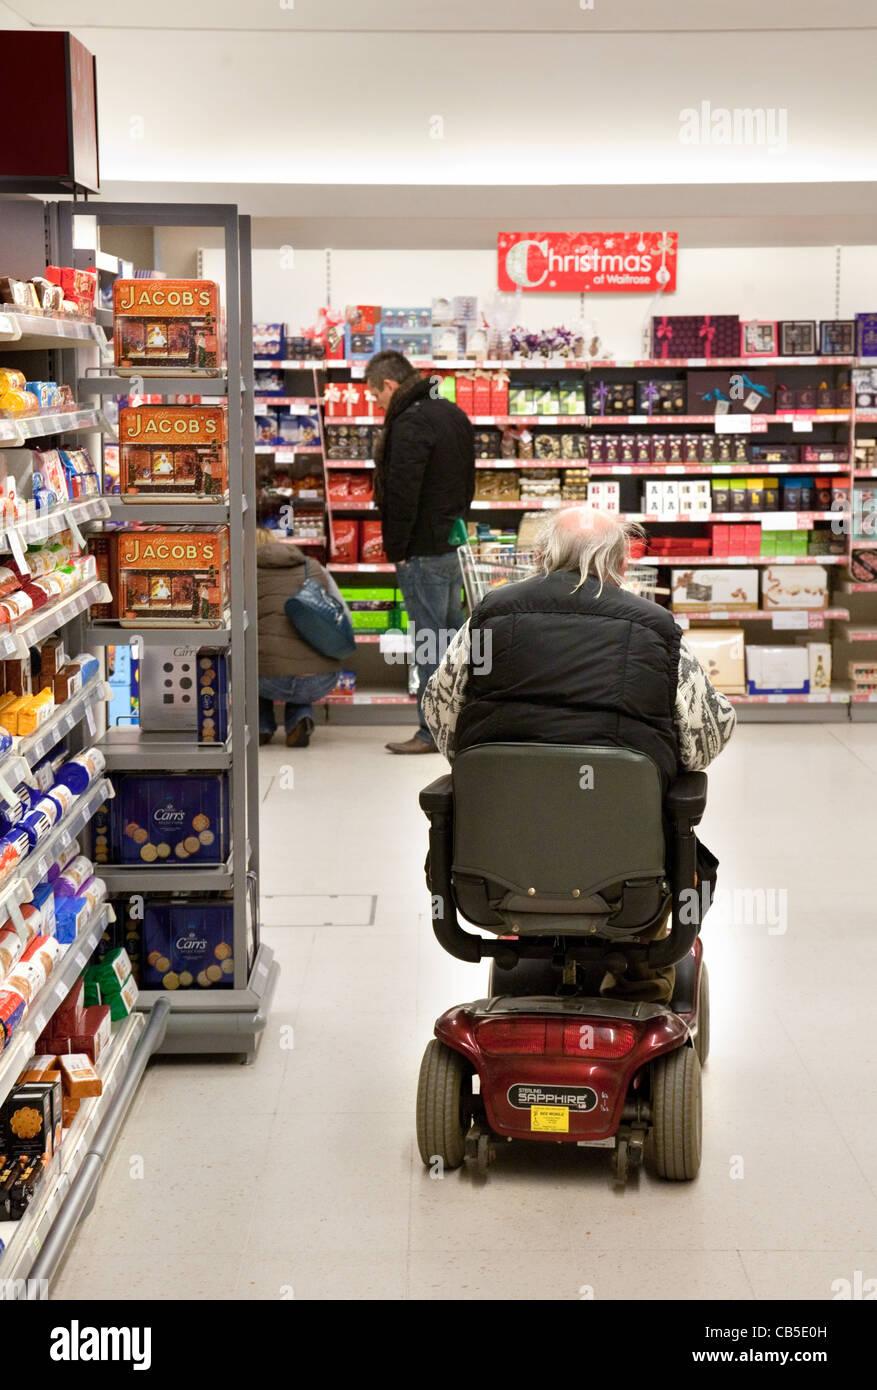 Behinderte Menschen shopping auf seine Behinderung scooter in einem Supermarkt Waitrose, Großbritannien Stockbild